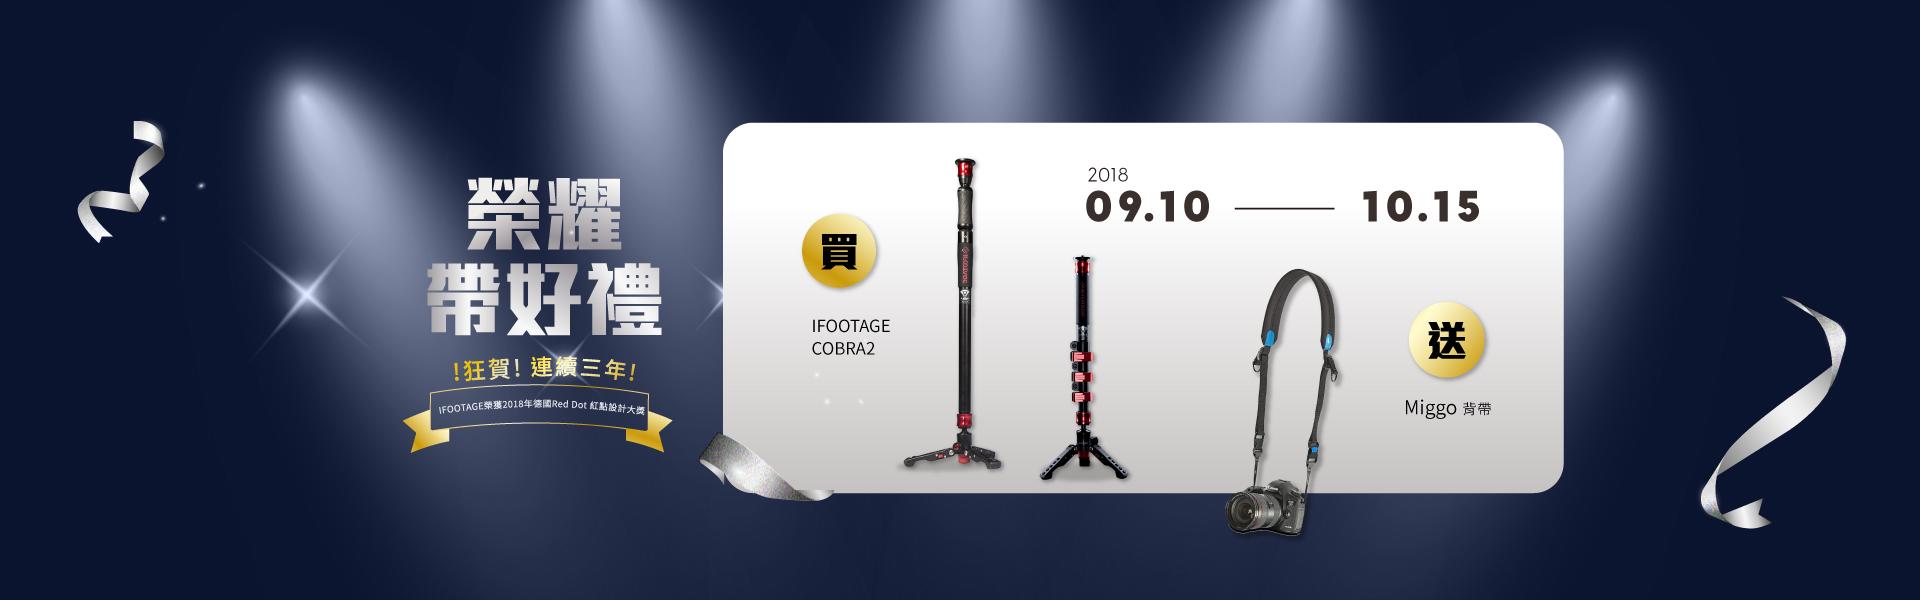 【榮耀帶好禮】~Ifootage Cobra2系列產品送好禮